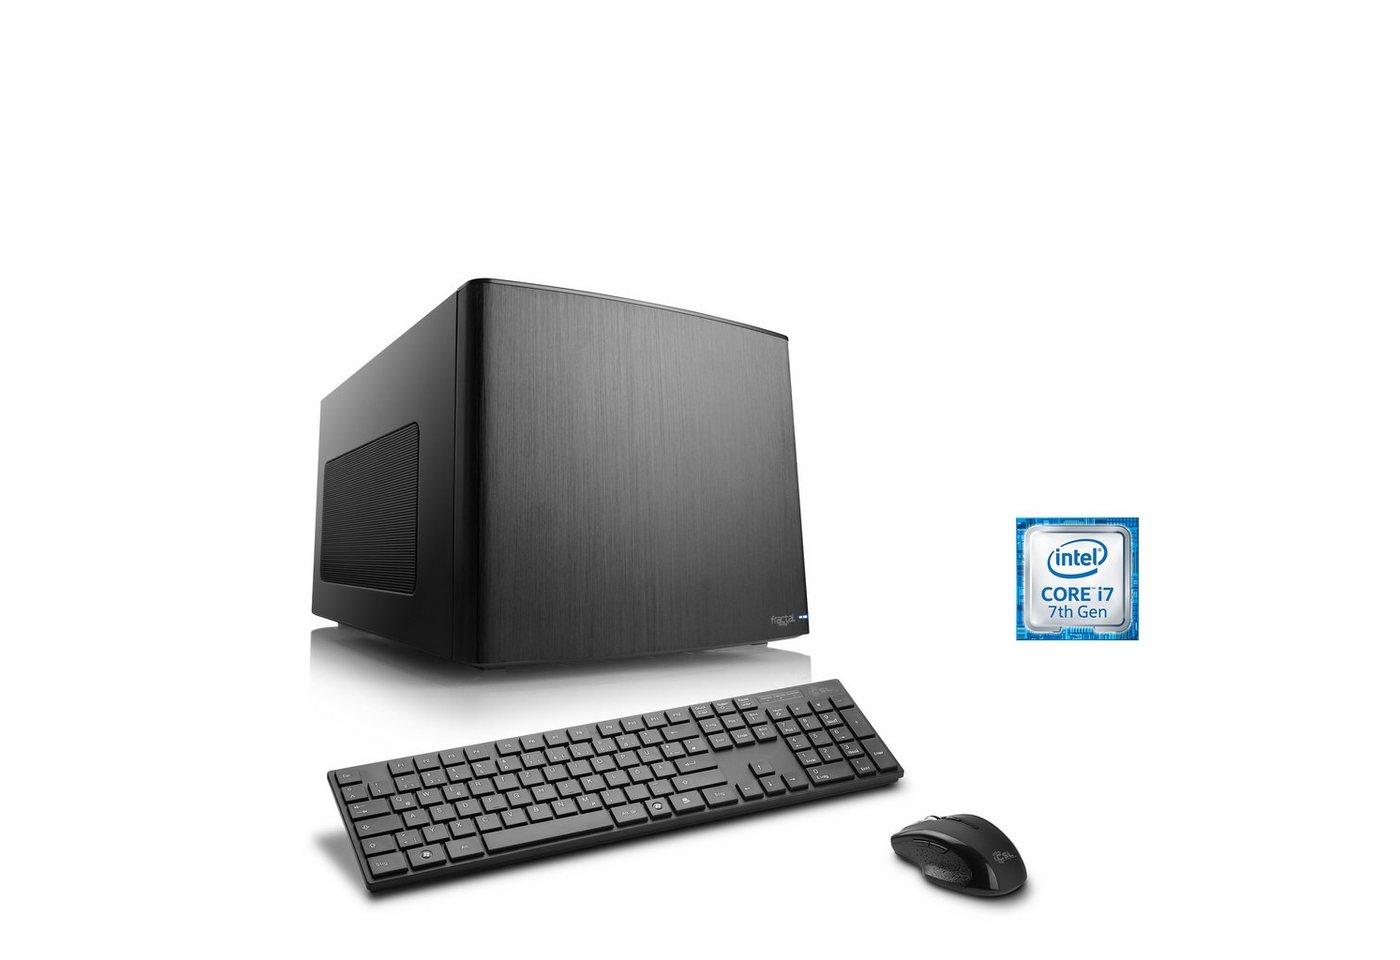 CSL Mini-ITX PC | Core i7-7700K | GTX 1080 Ti | 16 GB DDR4 | SSD »Gaming Box T7681 Wasserkühlung« - Preisvergleich